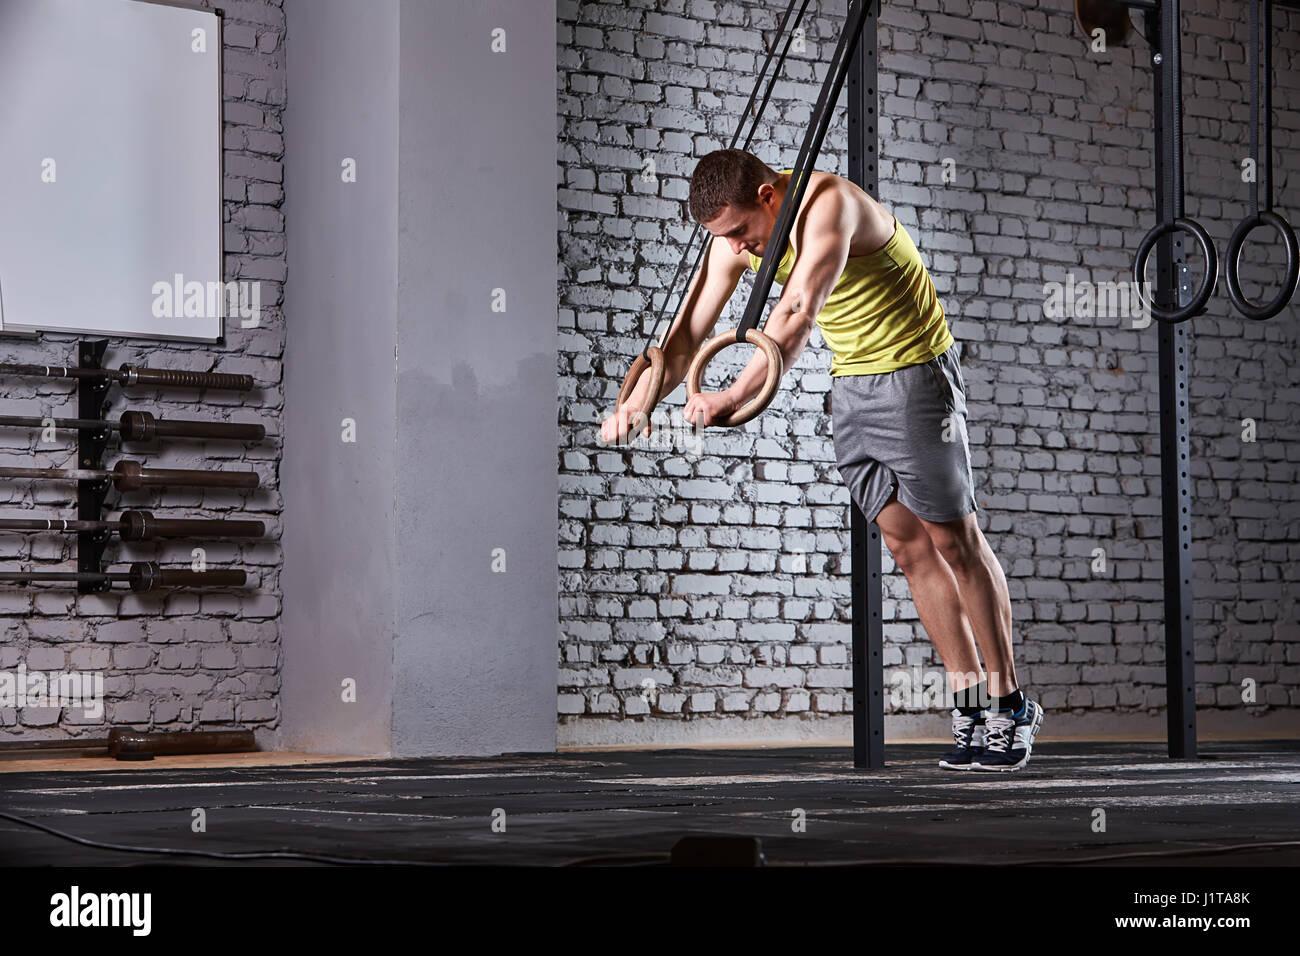 Atlético joven hombre en el sportwear entrenamiento en el gimnasio con anillos de cross fit contra la pared de ladrillo. Foto de stock